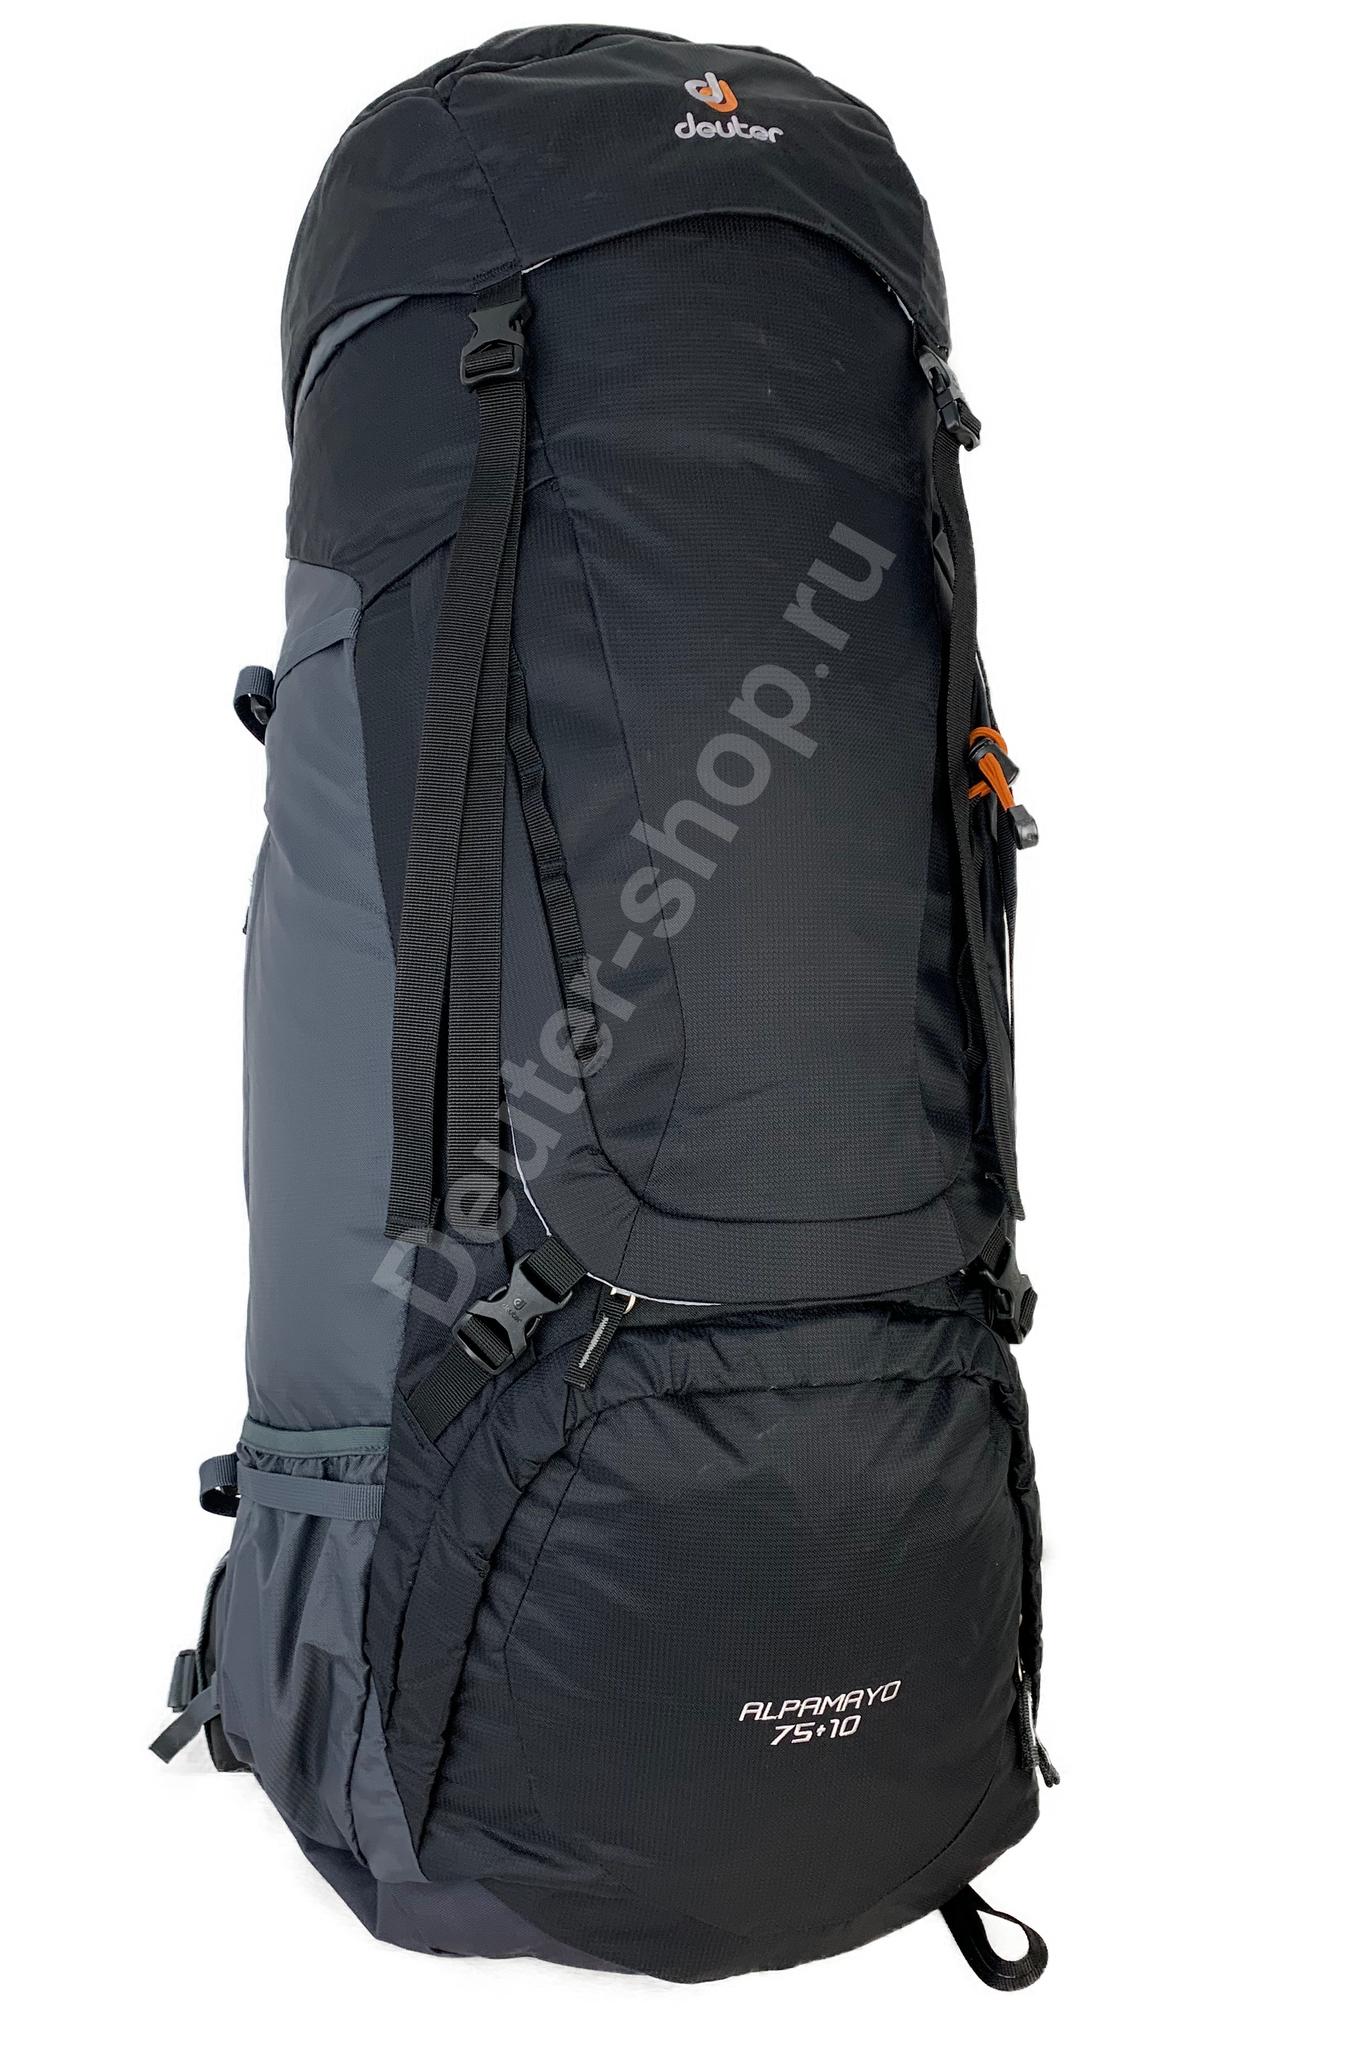 Туристические рюкзаки большие Рюкзак Deuter Alpamayo 75 + 10 (2020) A306B05F-7758-4C23-B1C1-8508F0259CFA.jpeg